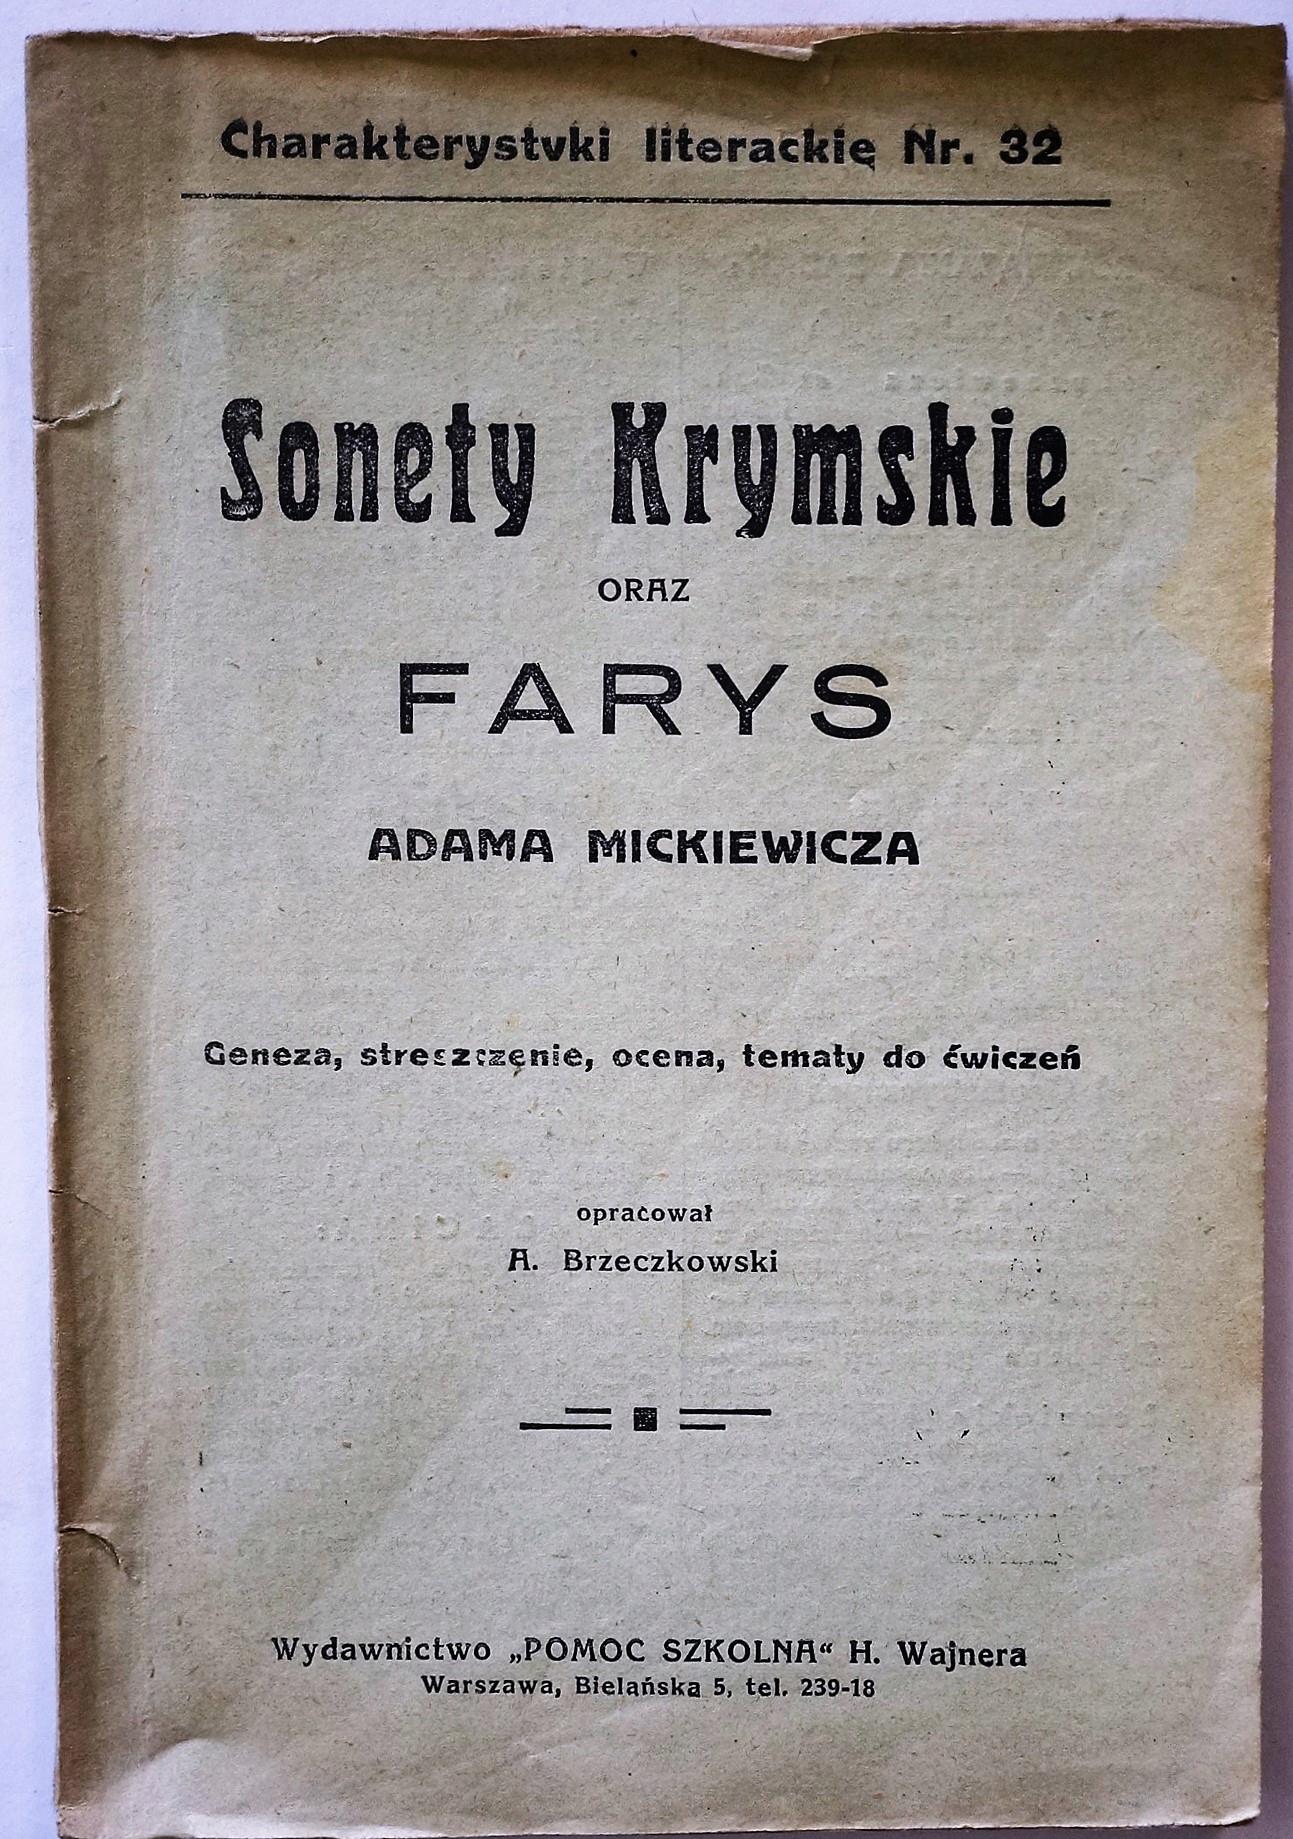 Sonety krymskie Mickiewicz Charakterystyki N